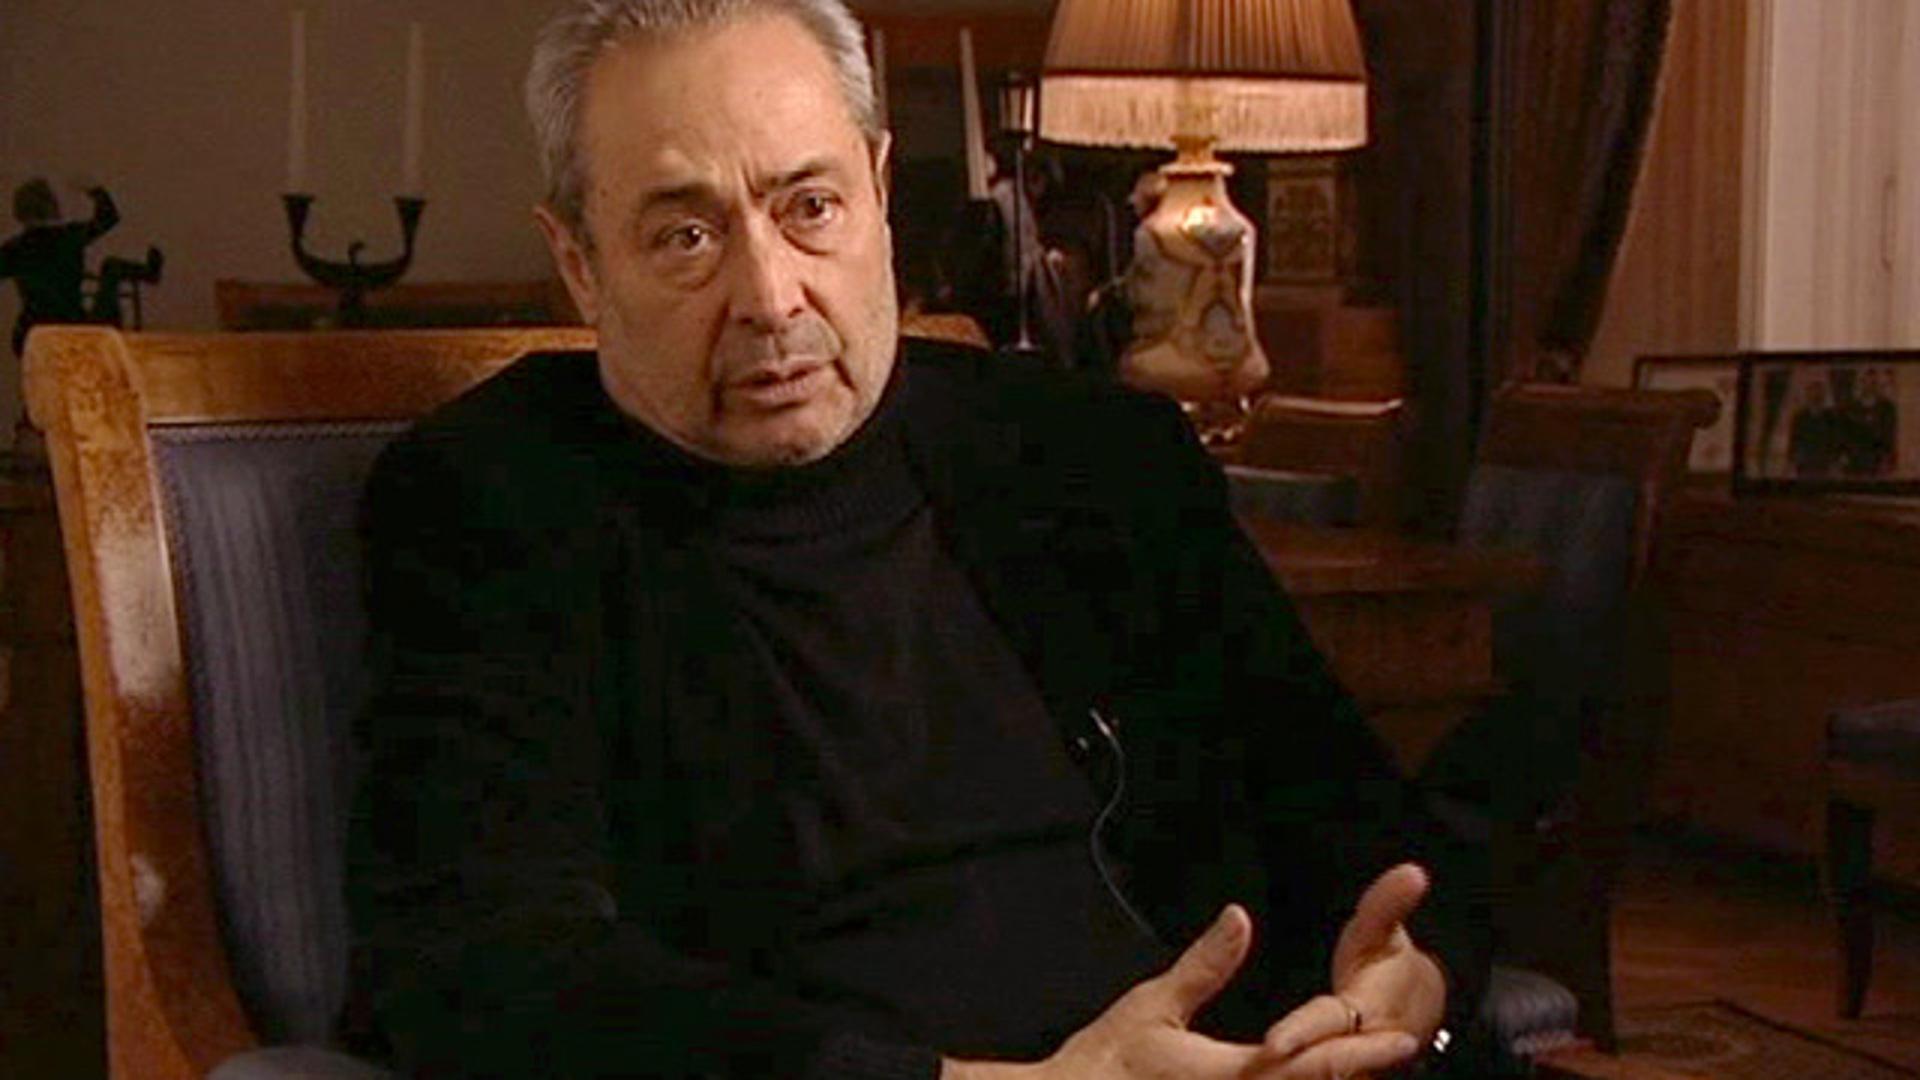 Валерий Фокин. Человек в контексте